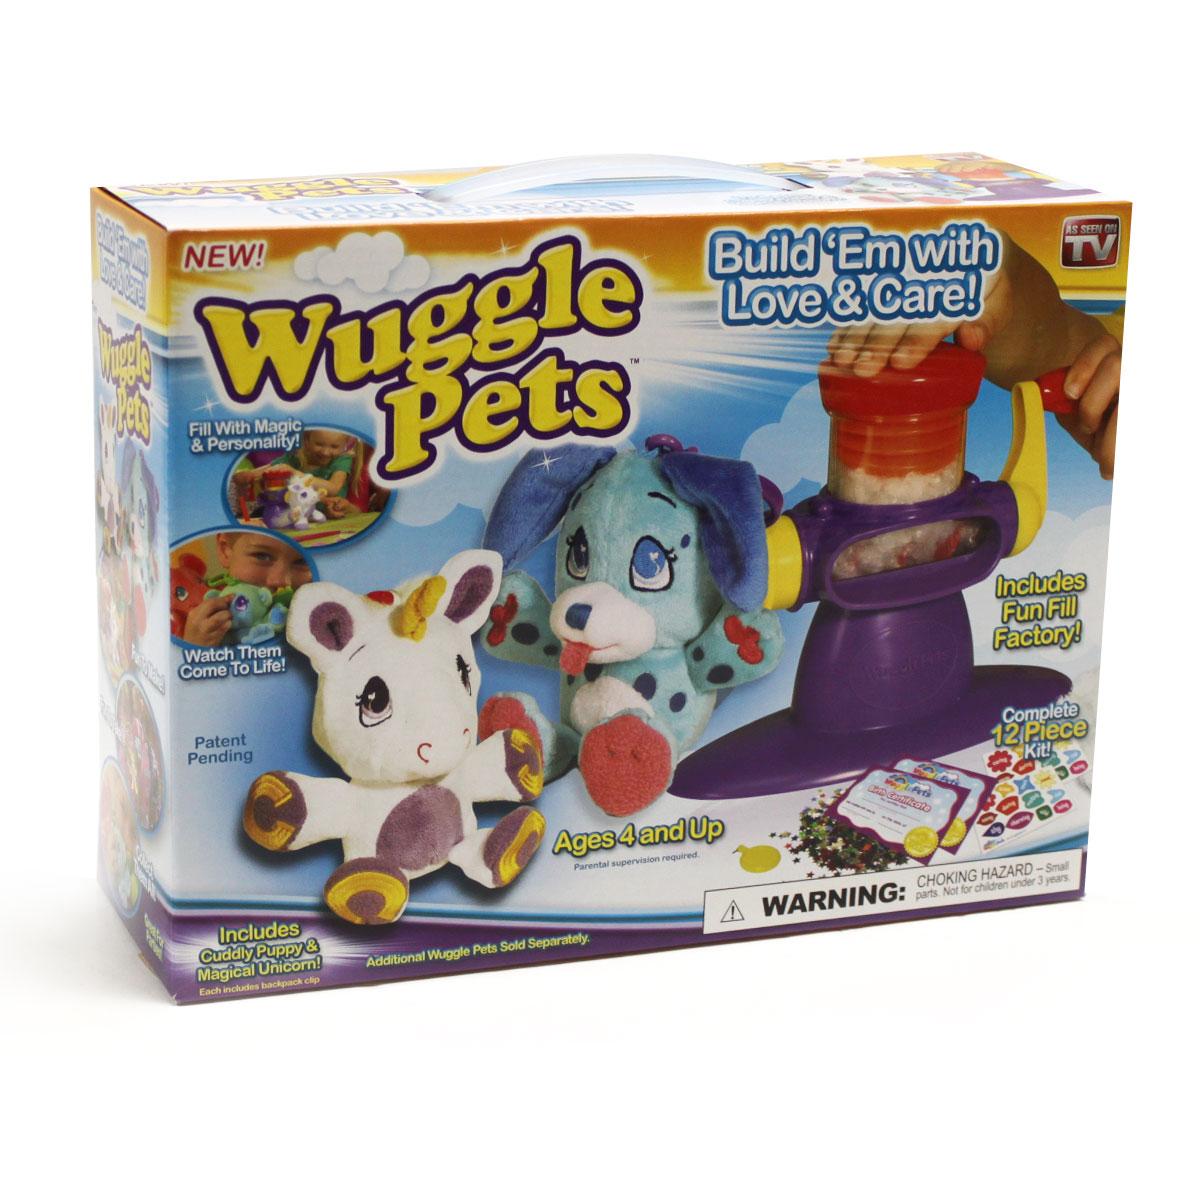 Wuggle Pets Starter Kit